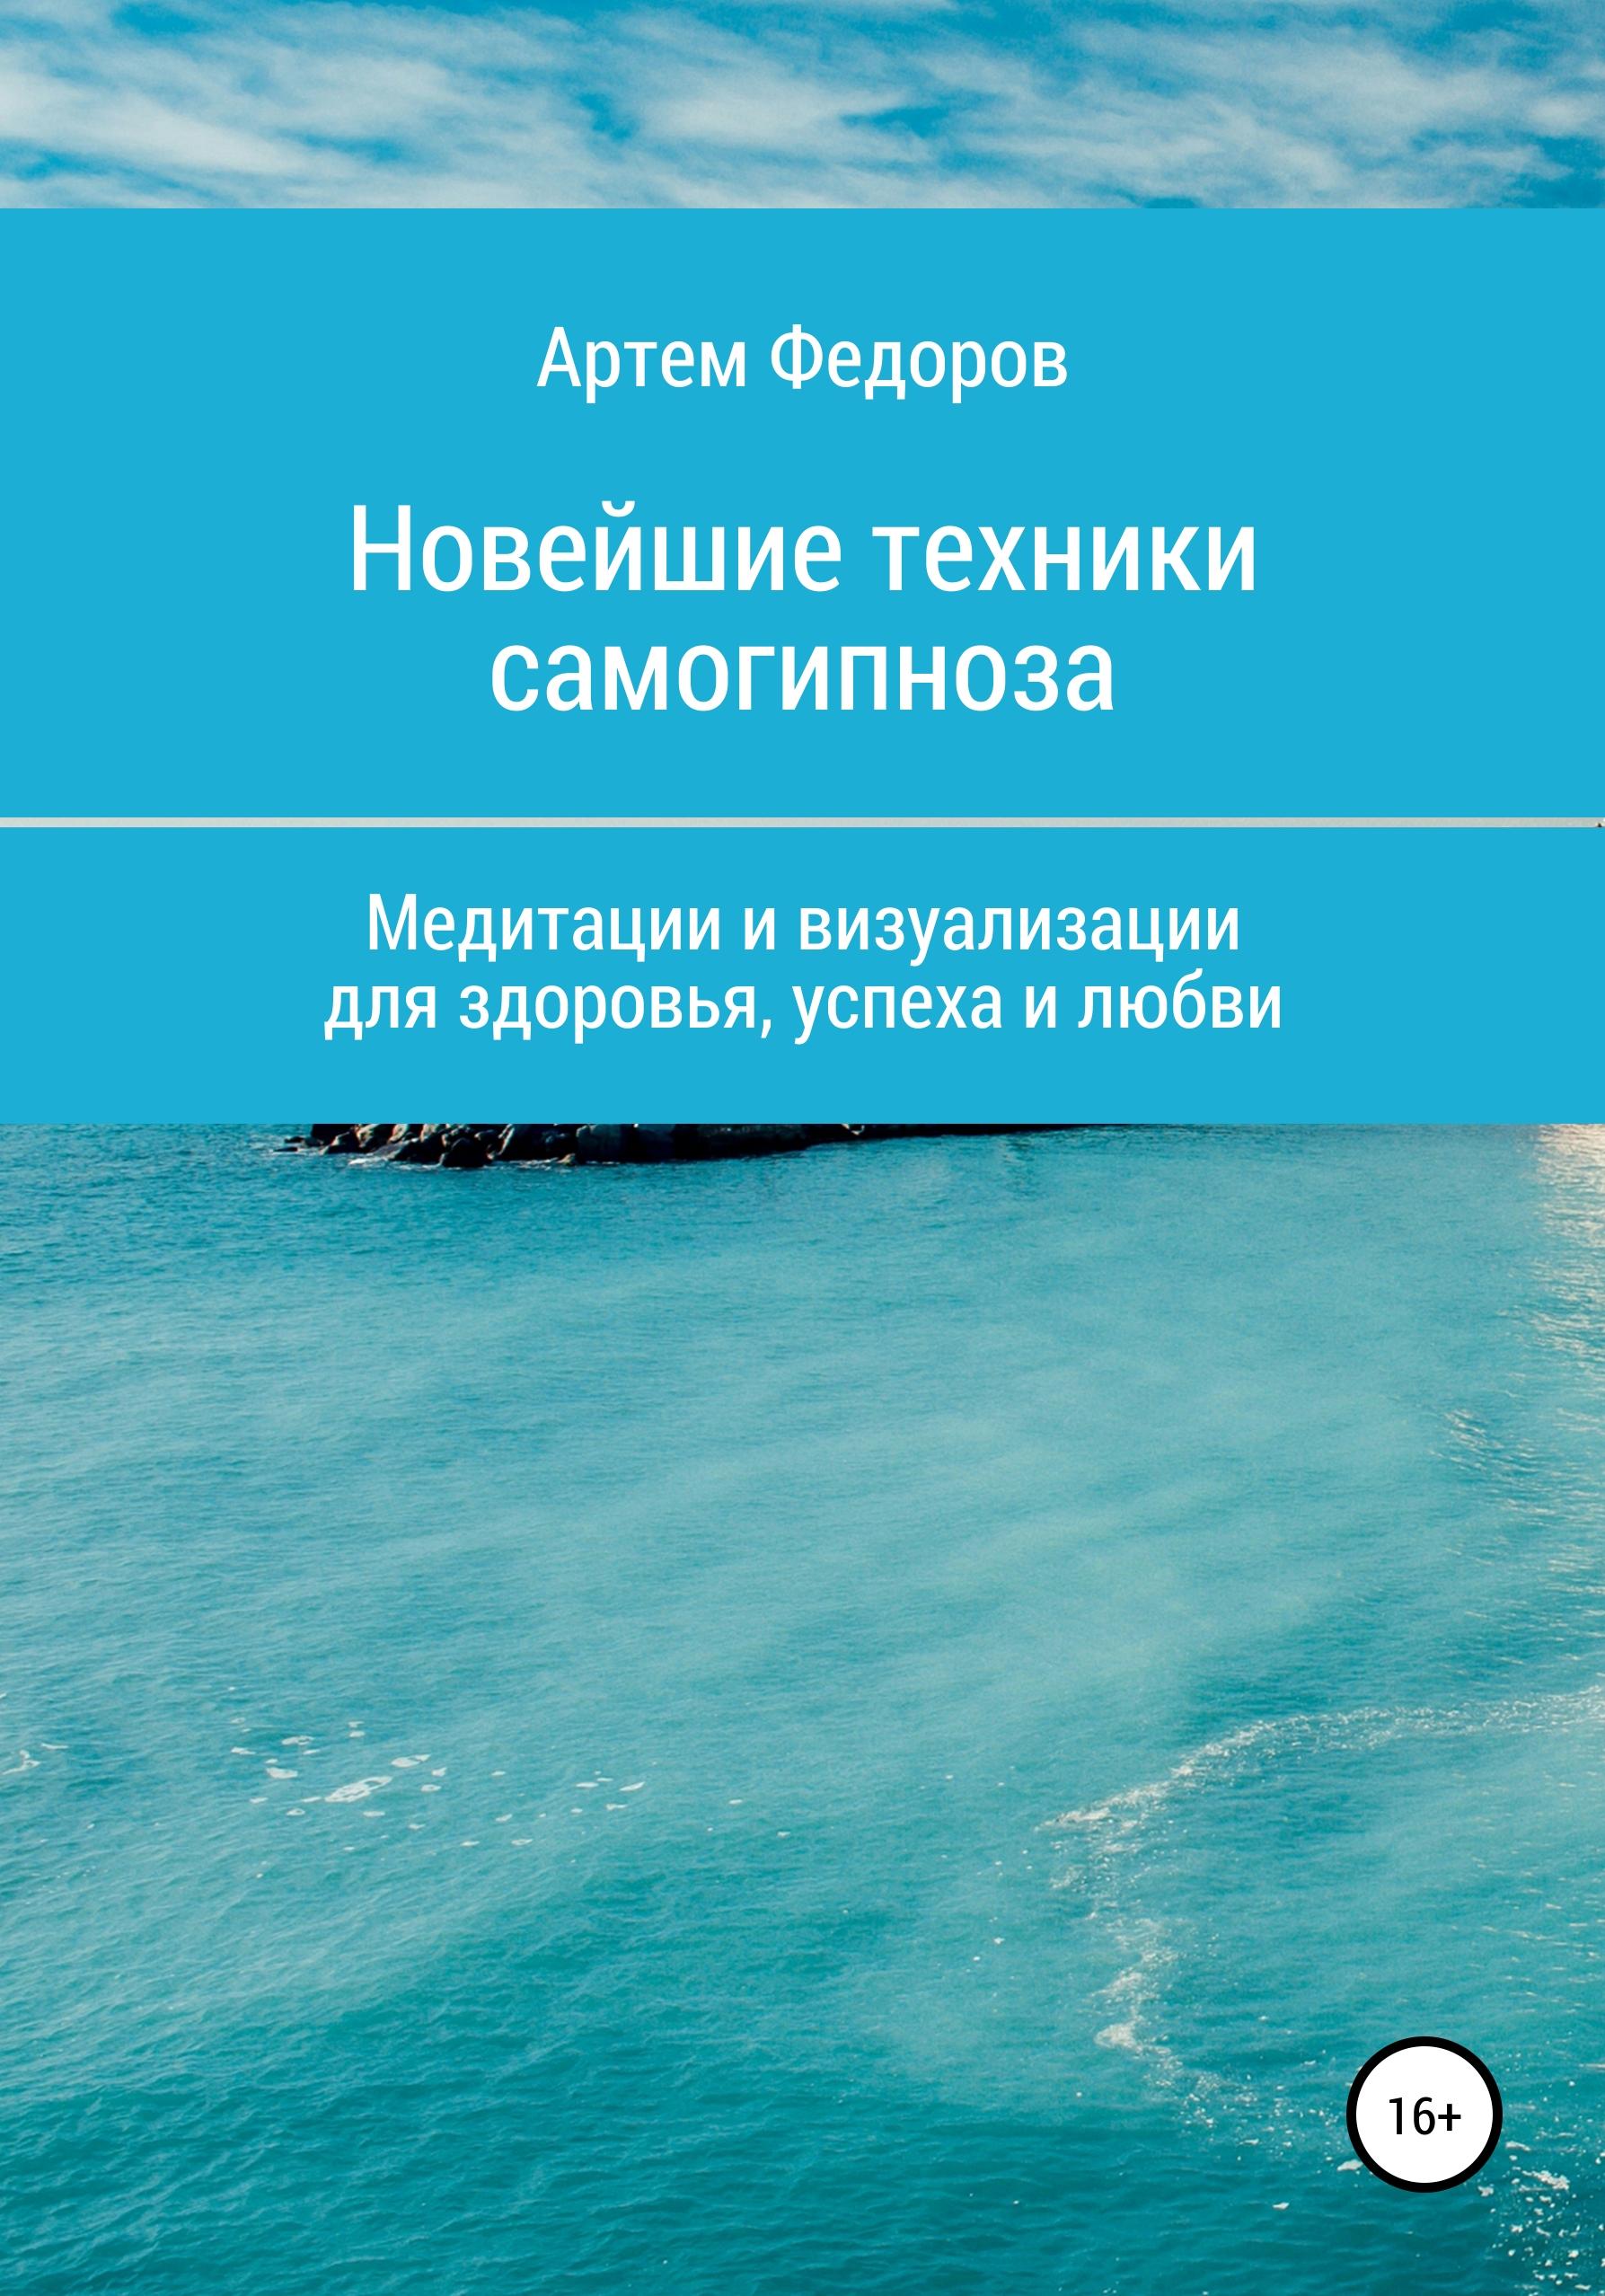 Учебник самогипноза и направленной визуализации по методу Сильва